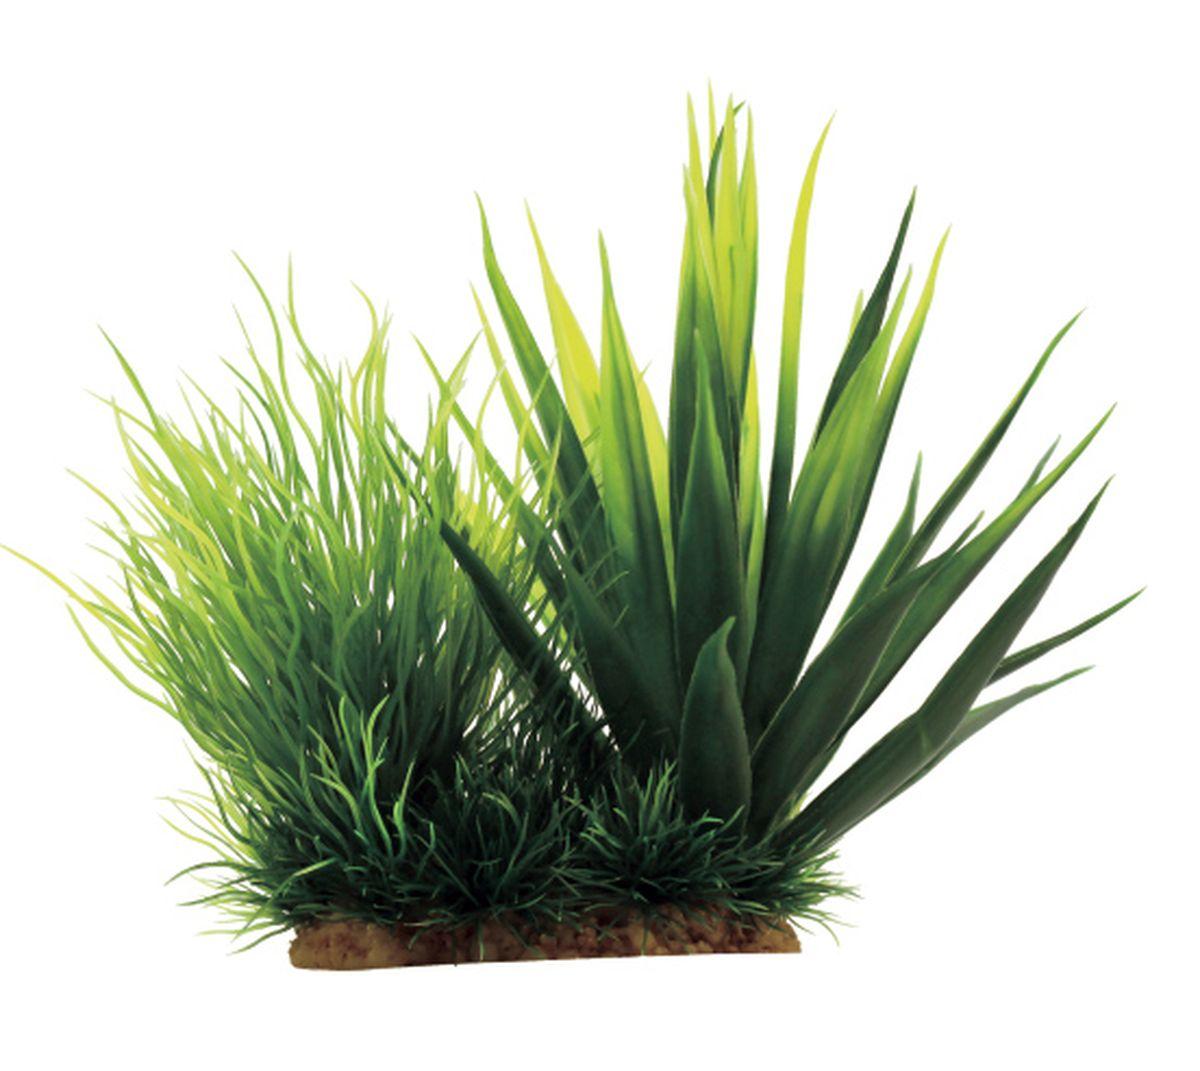 Растение для аквариума ArtUniq Агава, 18 x 12 x 16 см0120710Композиция из искусственных растений ArtUniq превосходно украсит и оживит аквариум.Растения - это важная часть любой композиции, они помогут вдохнуть жизнь в ландшафт любого аквариума или террариума. А их сходствос природными порадует даже самых взыскательных ценителей.